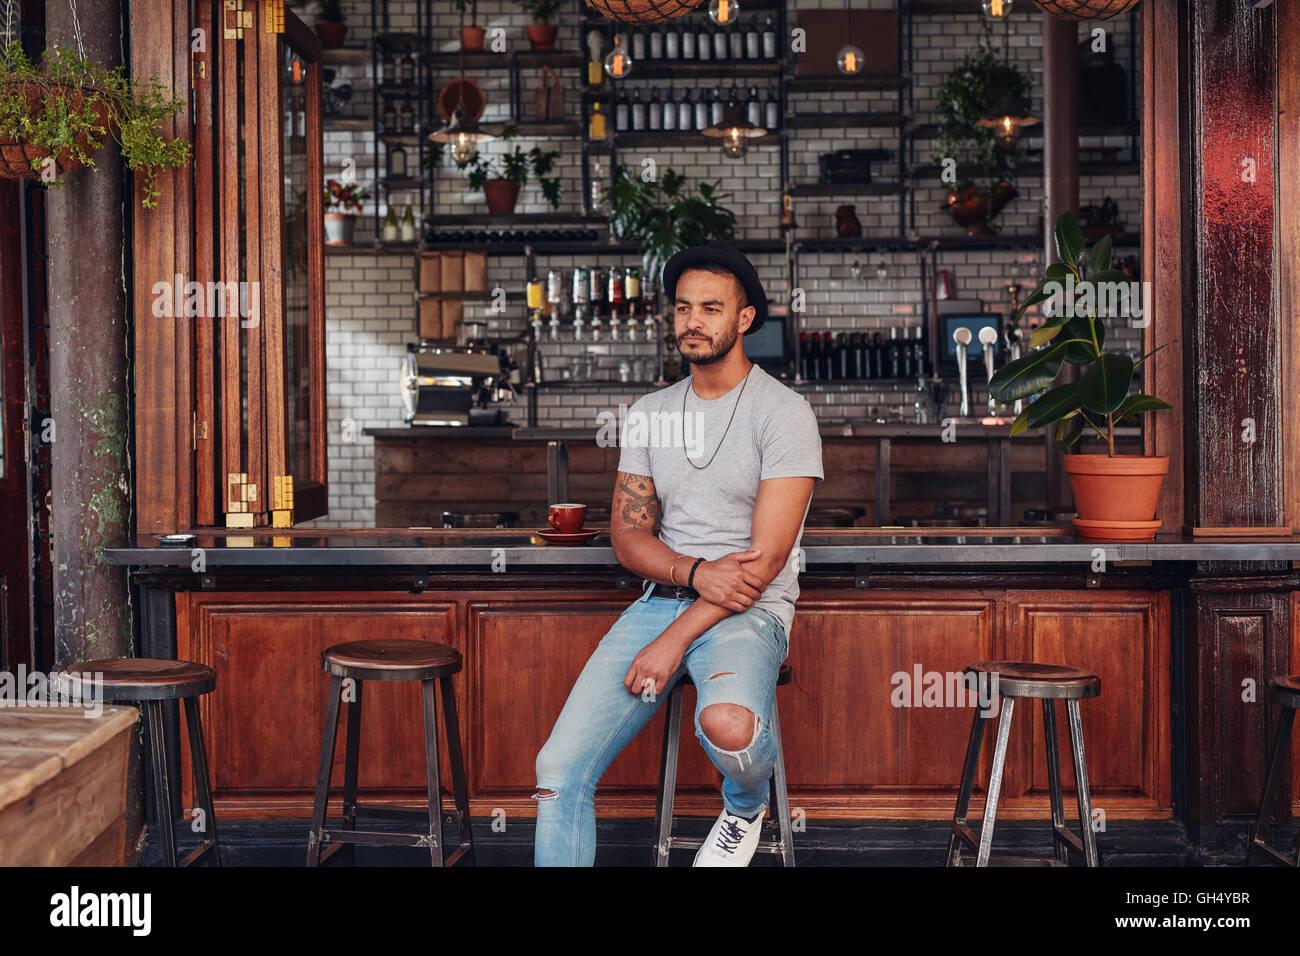 Porträt von verärgert junger Mann sitzt allein an einem Café-Schalter. Modernen kaukasischen Jüngling Stockbild